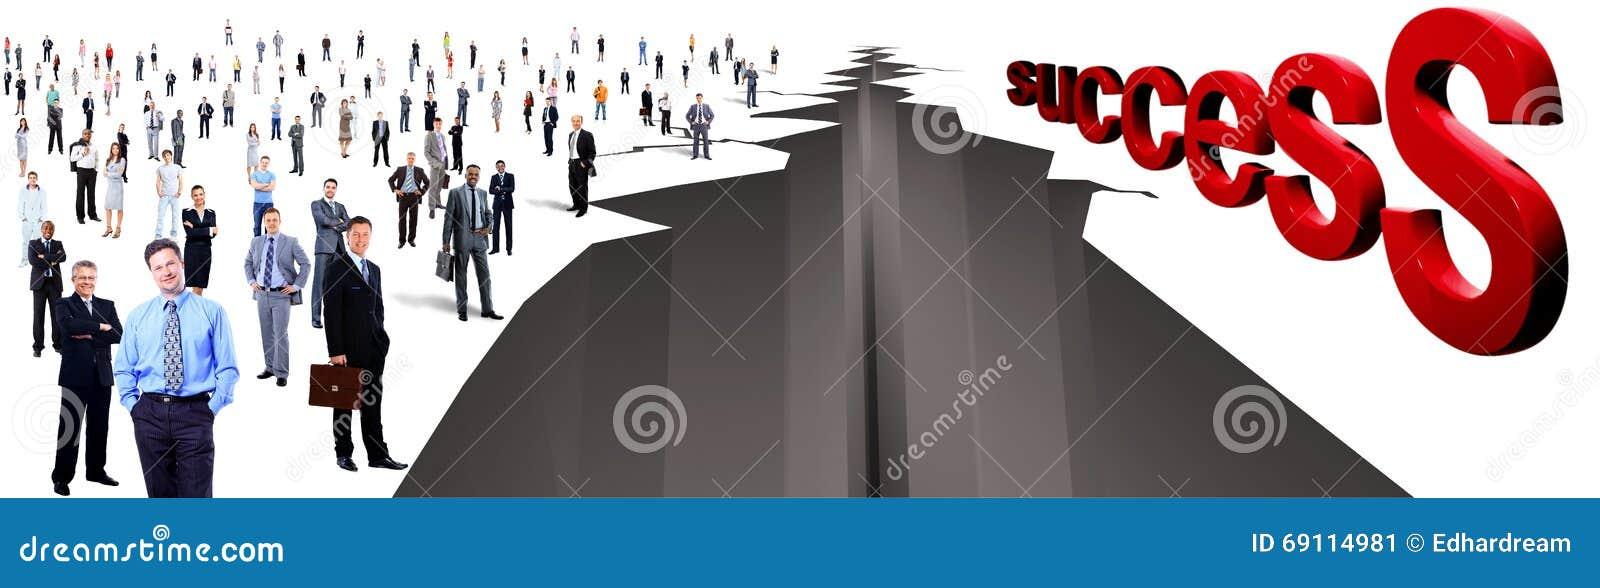 Gap μεταξύ δύο μεγάλης ομάδας ανθρώπων